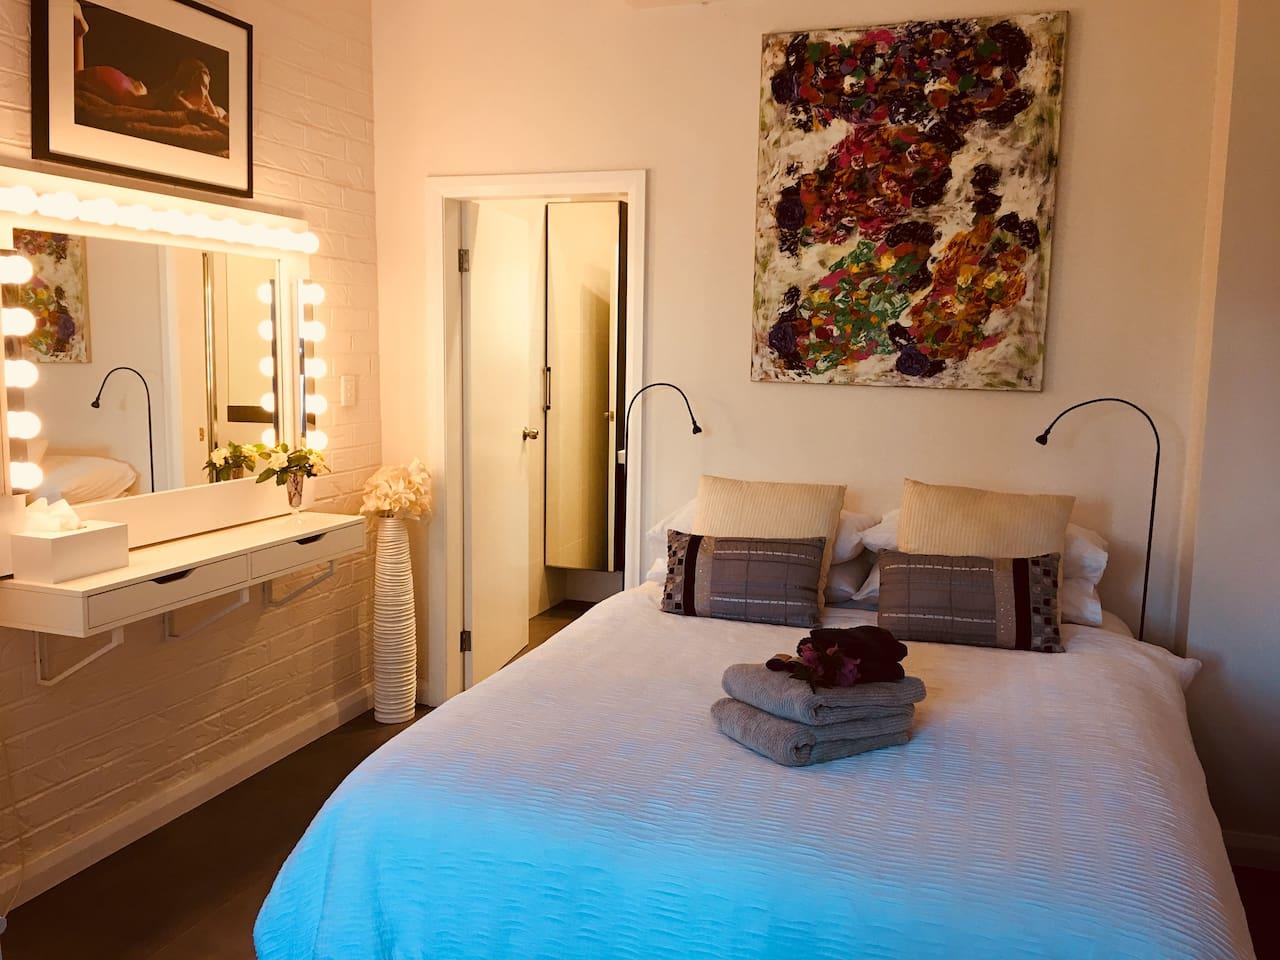 Reverse-cycle air conditioned studio with en suite bathroom.